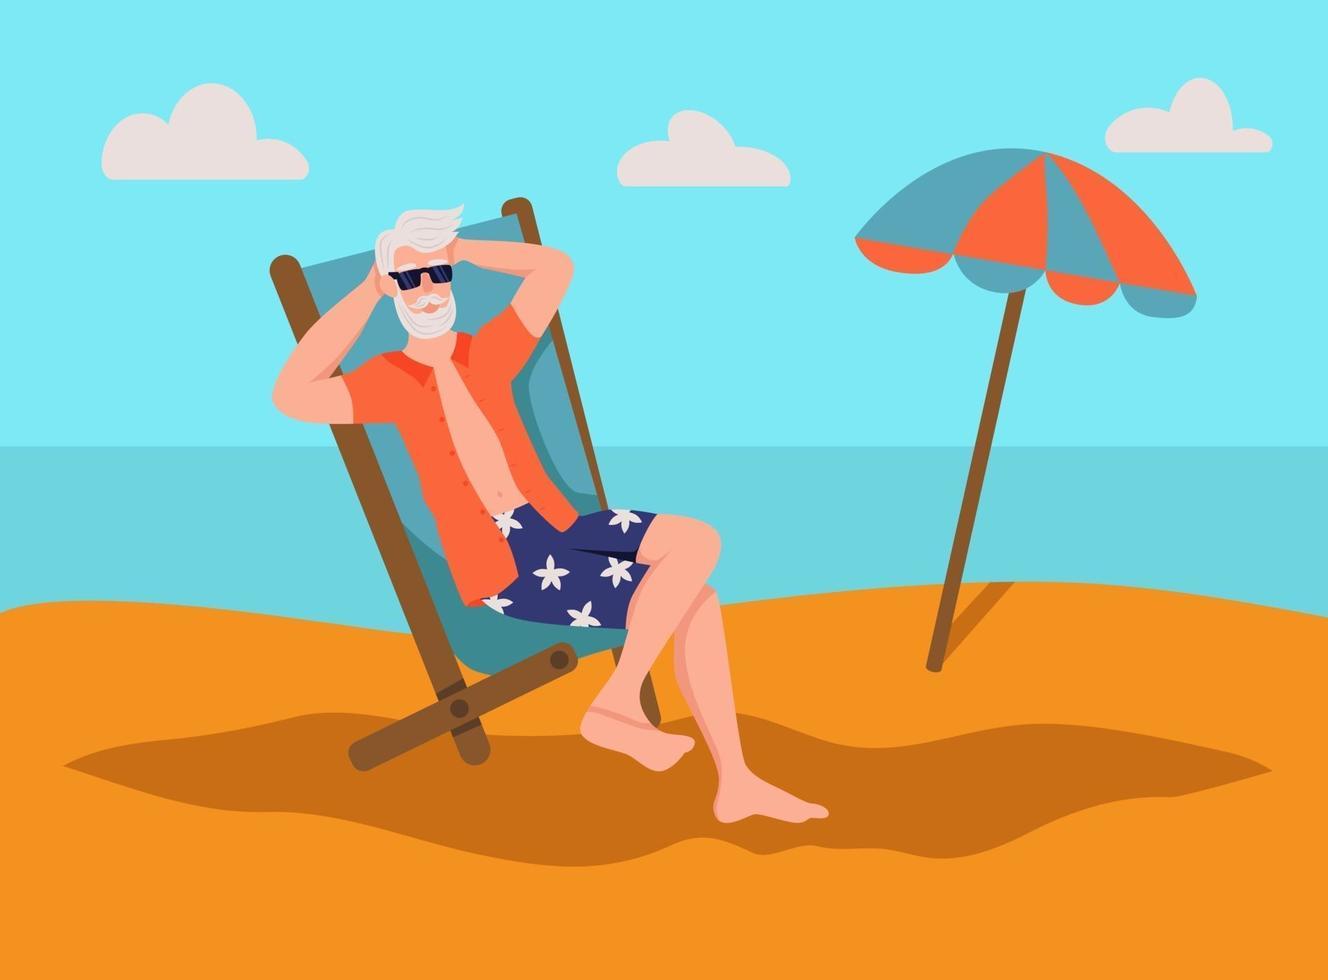 äldre man sola på stranden. begreppet aktiv ålderdom. äldre dag. platt tecknad vektorillustration. vektor